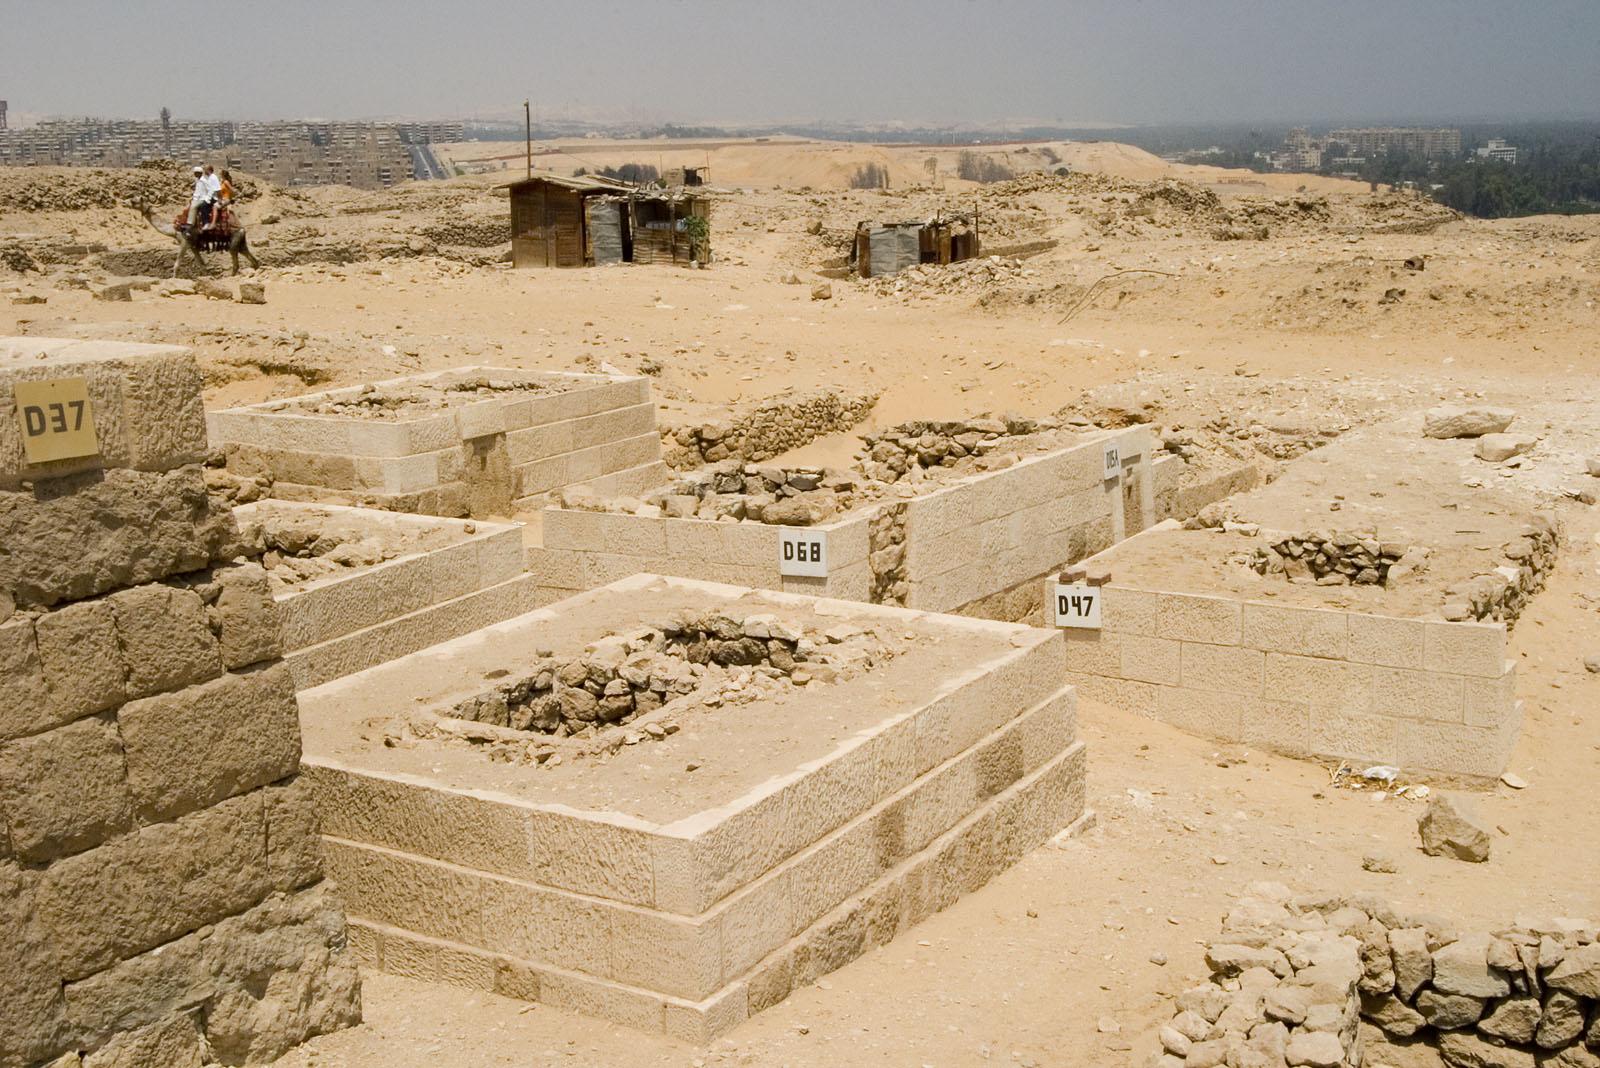 Western Cemetery: Site: Giza; View: D 37, D 65, D 64, D 47, D 68, D 15A, D 63